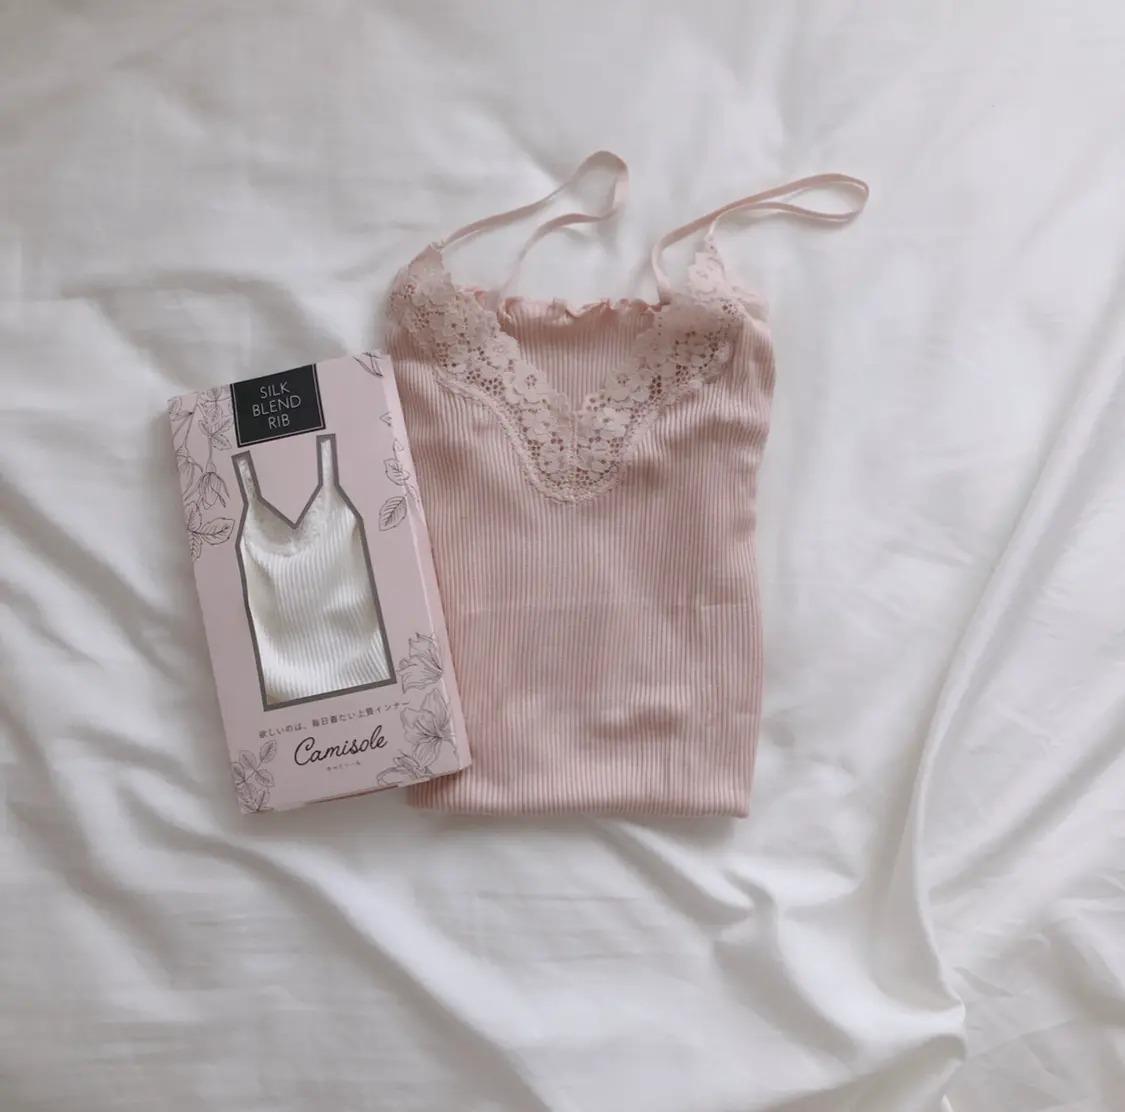 『ユニクロ』神デニムを白Tと♪ 『GU』シャツできれいめオフィスコーデ 【今週のMOREインフルエンサーズファッション人気ランキング】_1